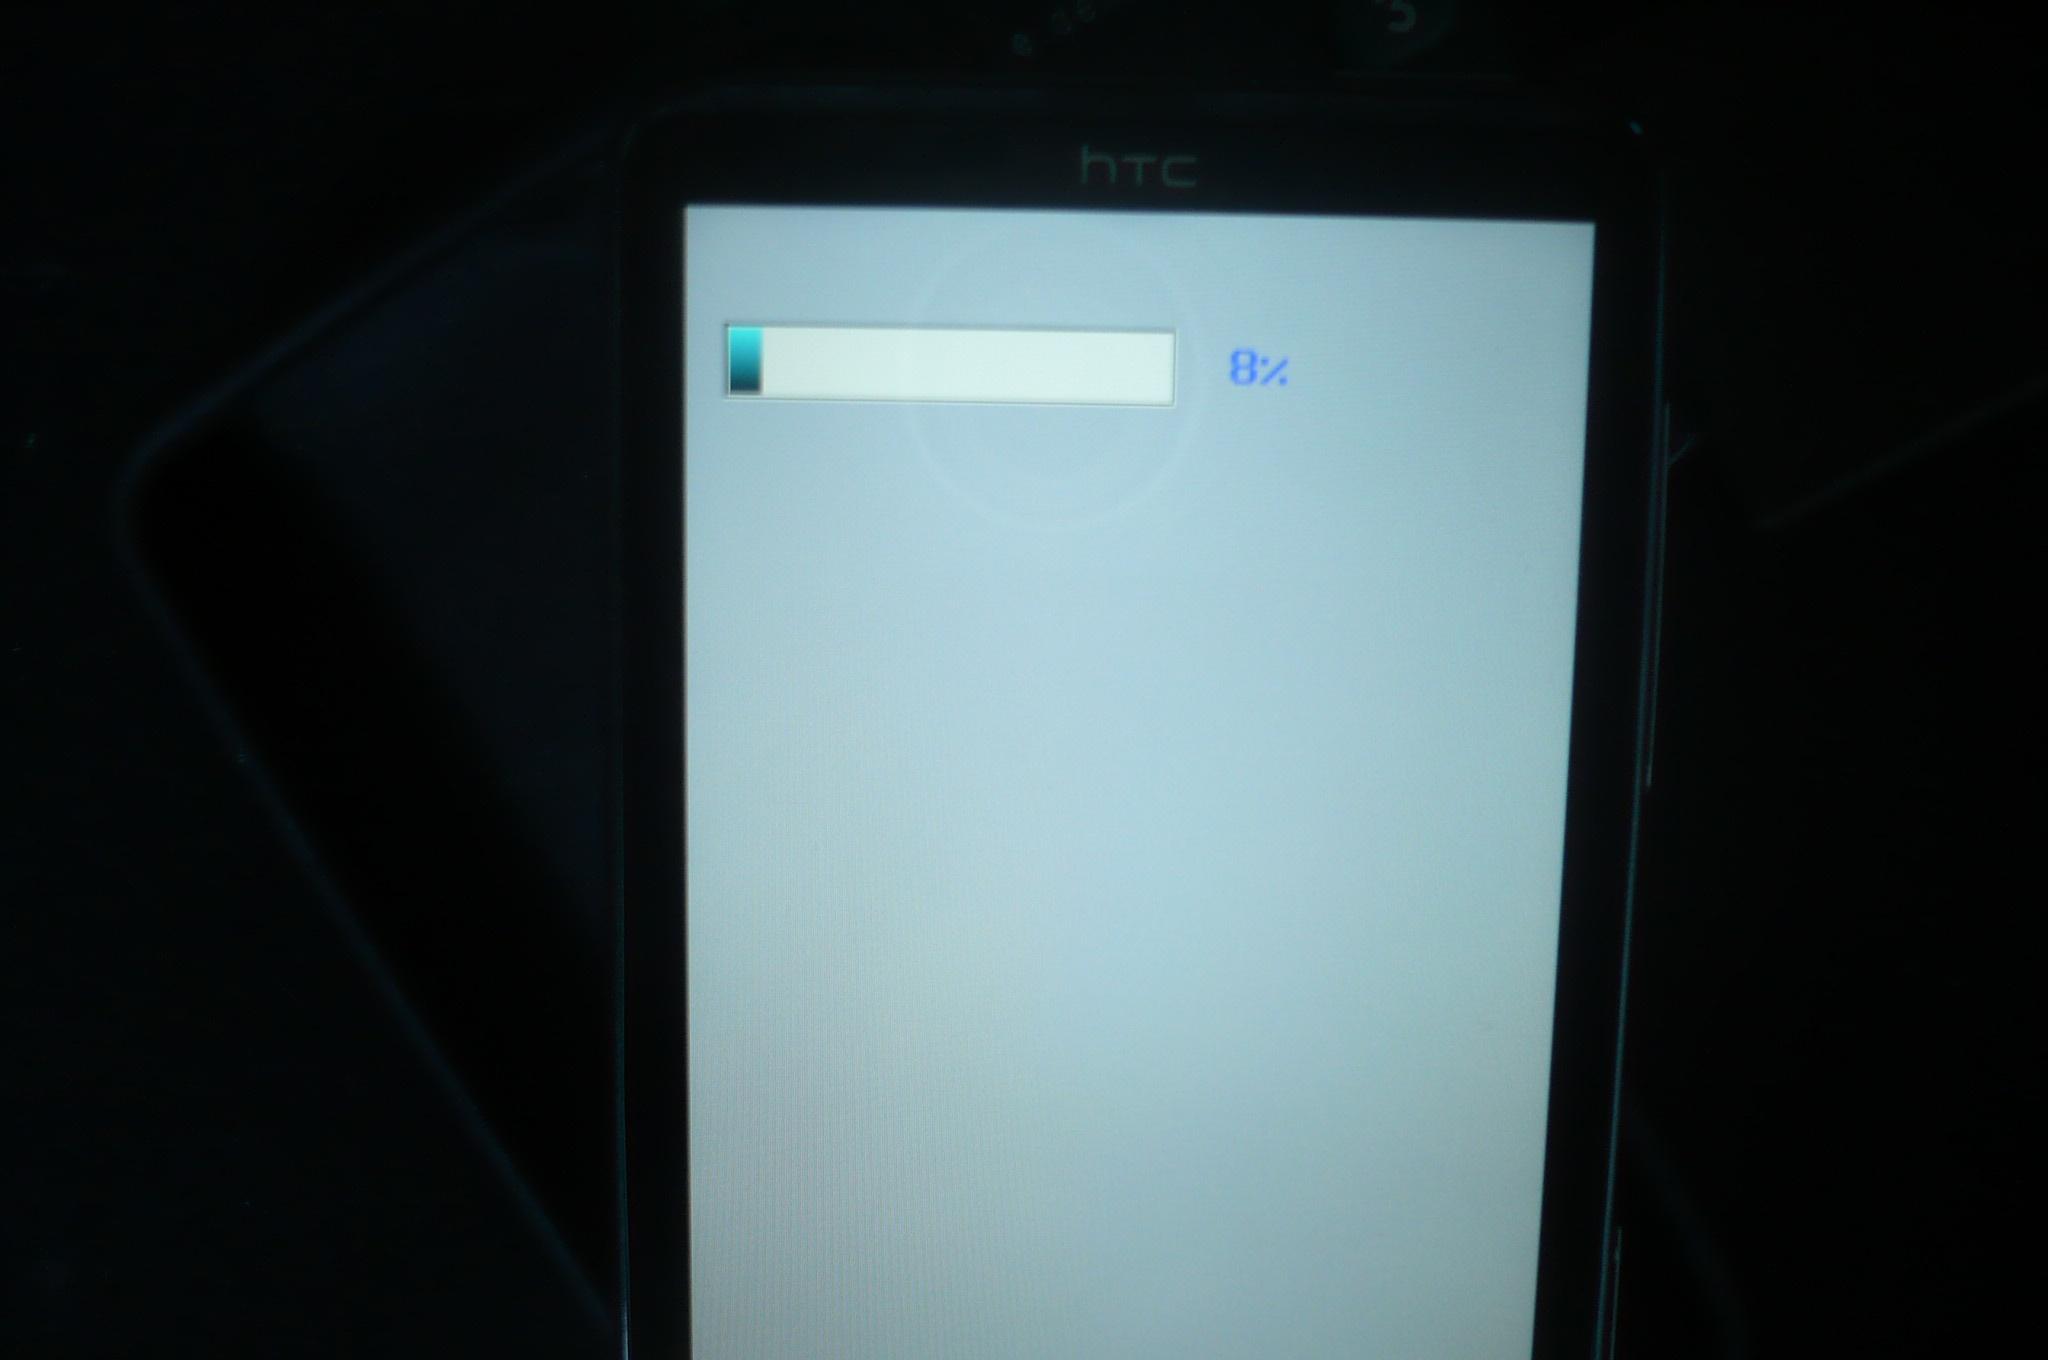 HD7 aan het flashen